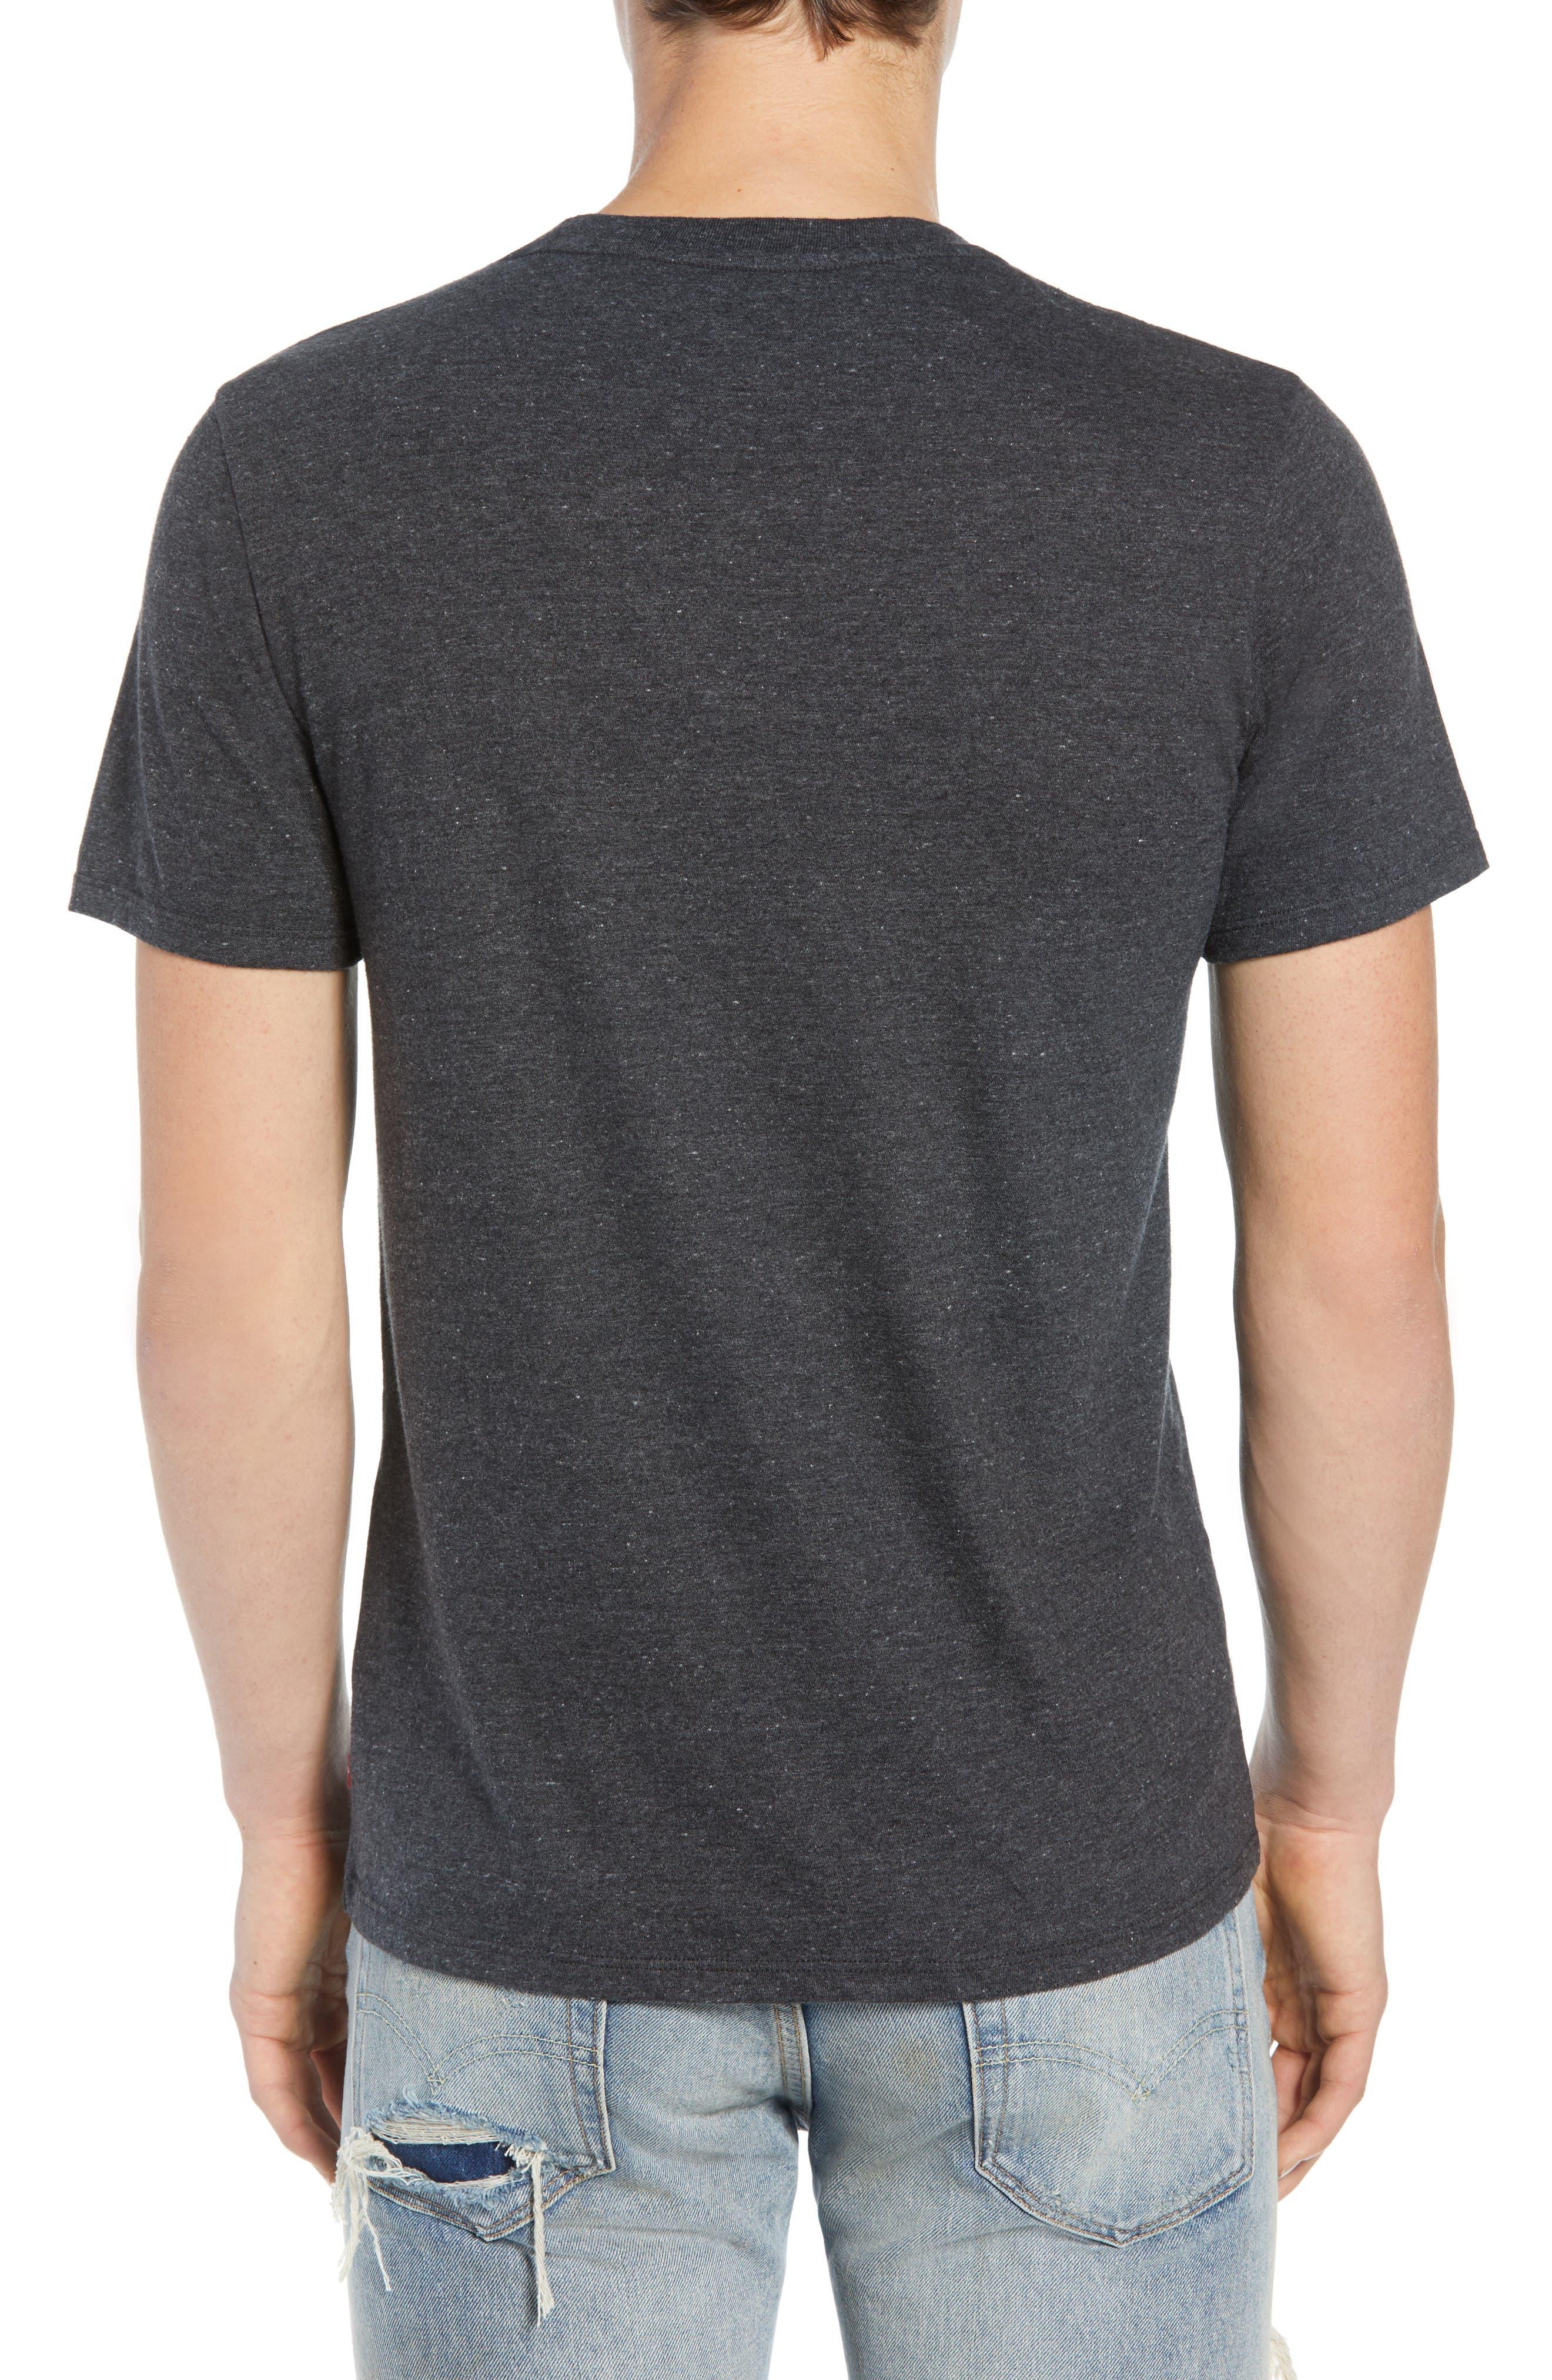 Housemark Logo T-Shirt,                             Alternate thumbnail 2, color,                             001